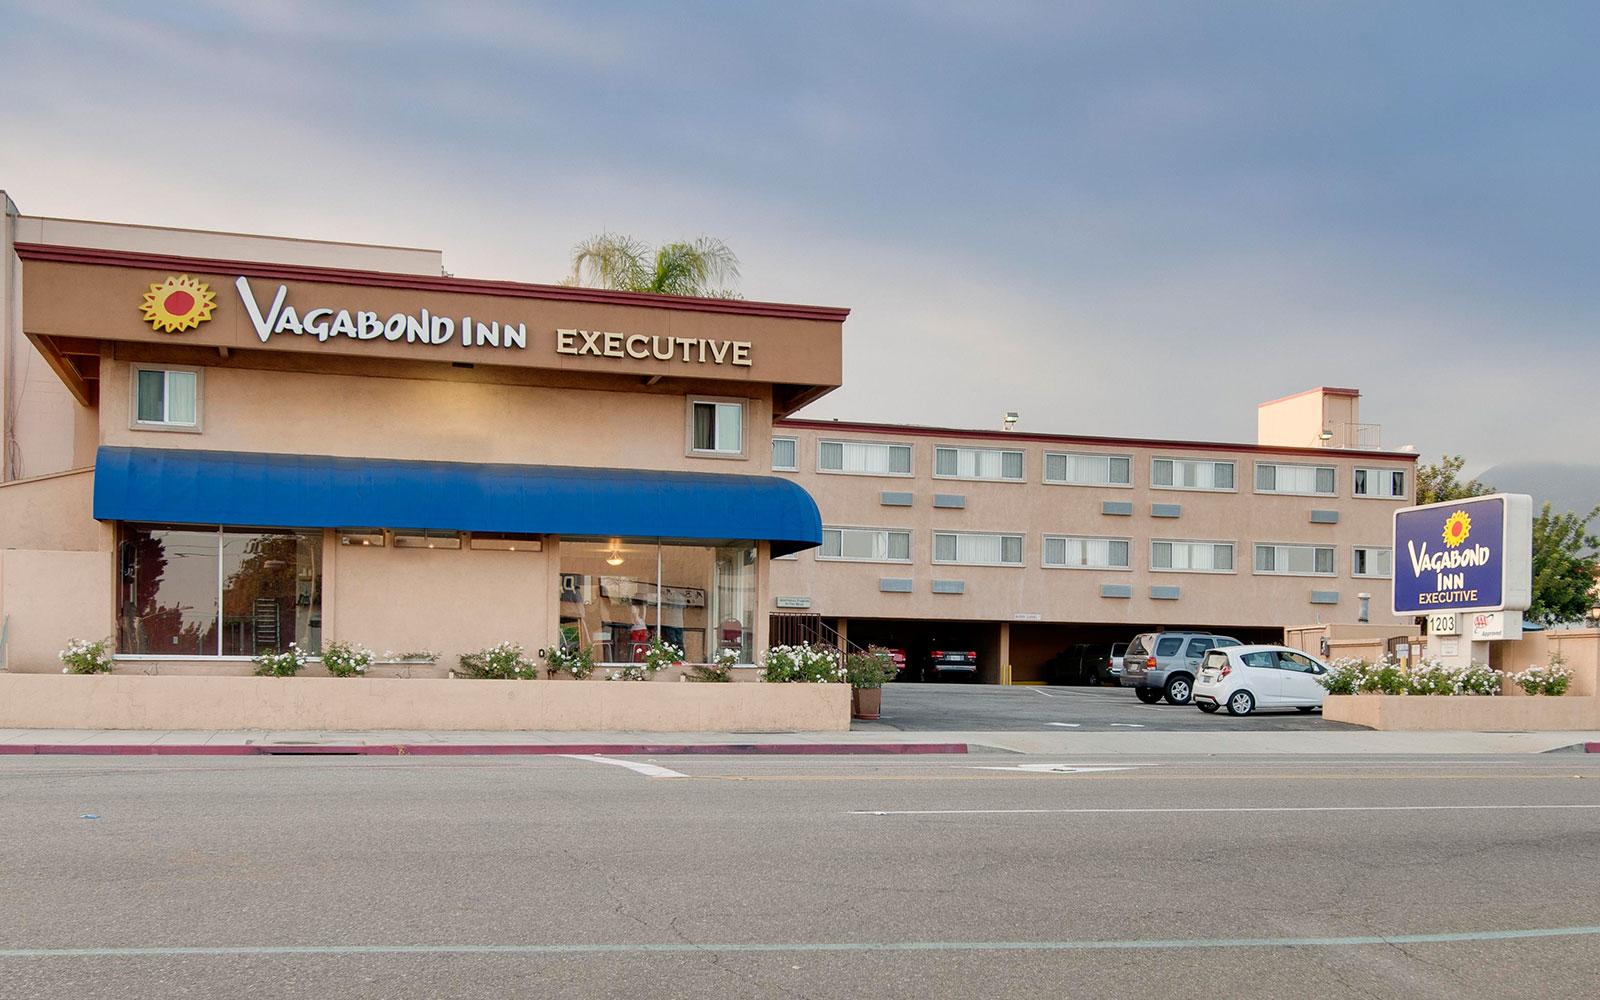 Pasadena Ca Hotel Vagabond Inn Pasadena